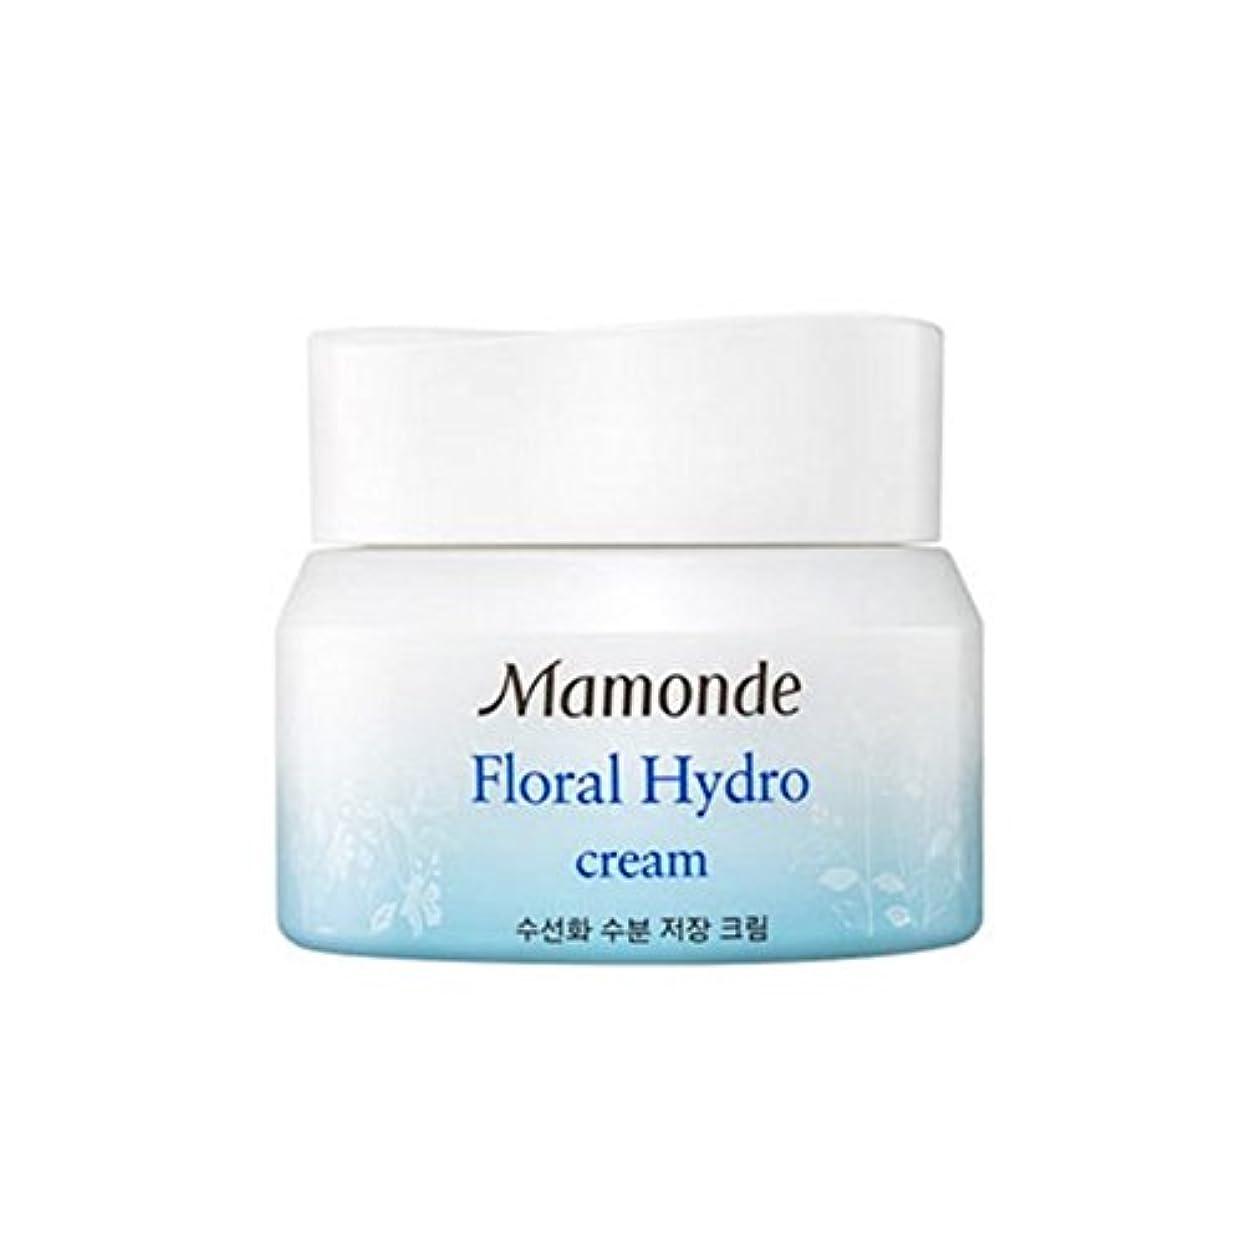 お祝いアラバマレポートを書く【マモンド】 MAMONDE Floral Hydro Cream フローラルのハイドロ クリーム 【韓国直送品】 OOPSPANDA